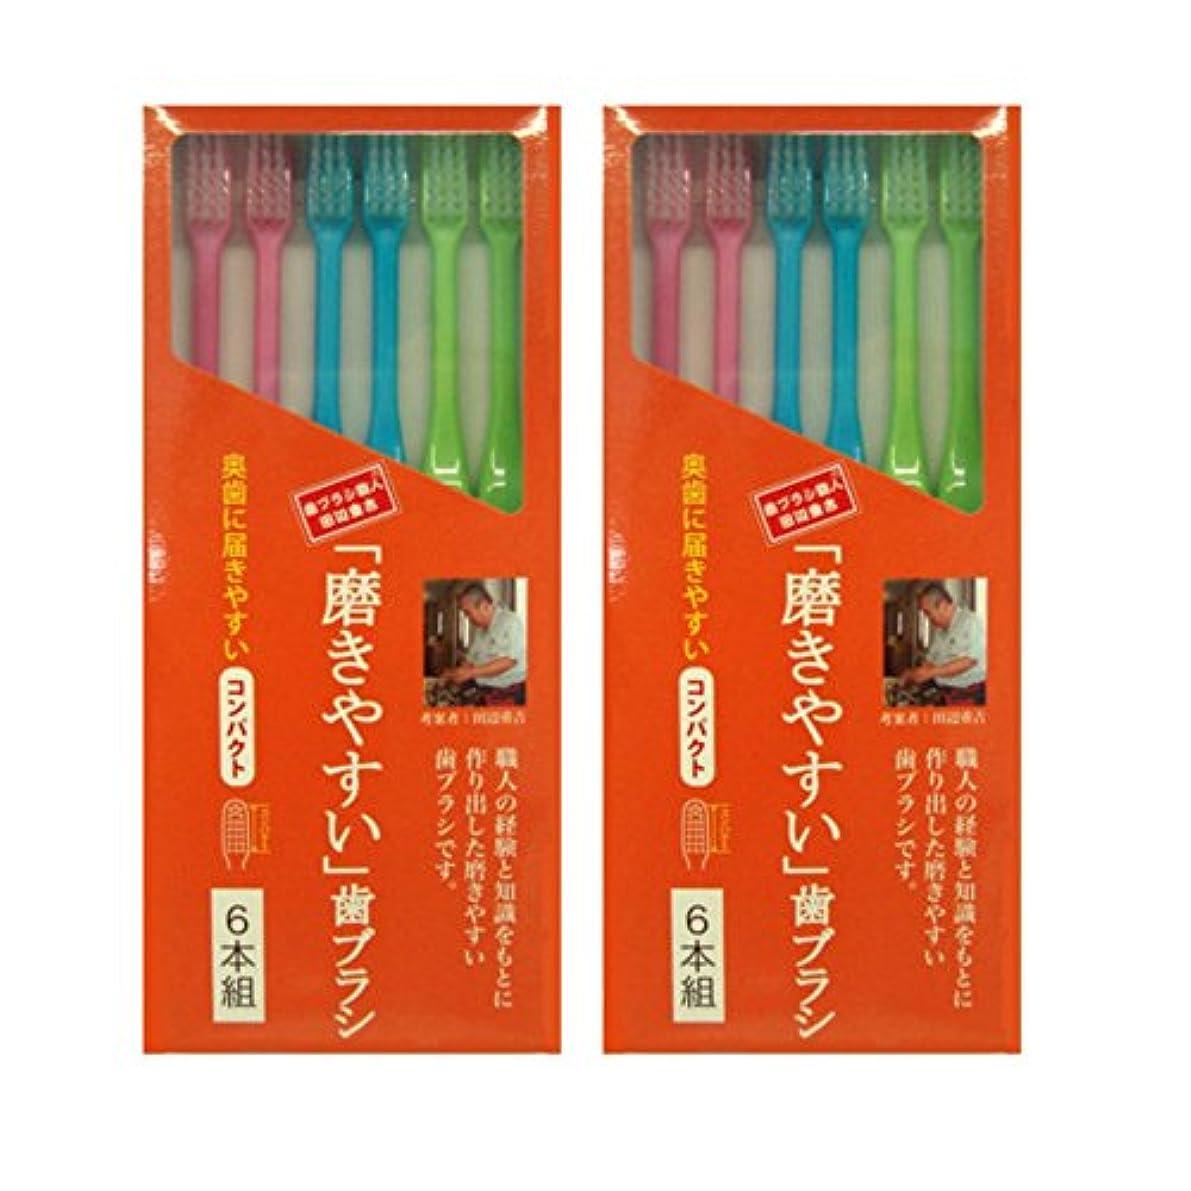 裁判官偶然のアームストロング磨きやすい歯ブラシ コンパクトタイプ 6本組×2個セット (計12本)